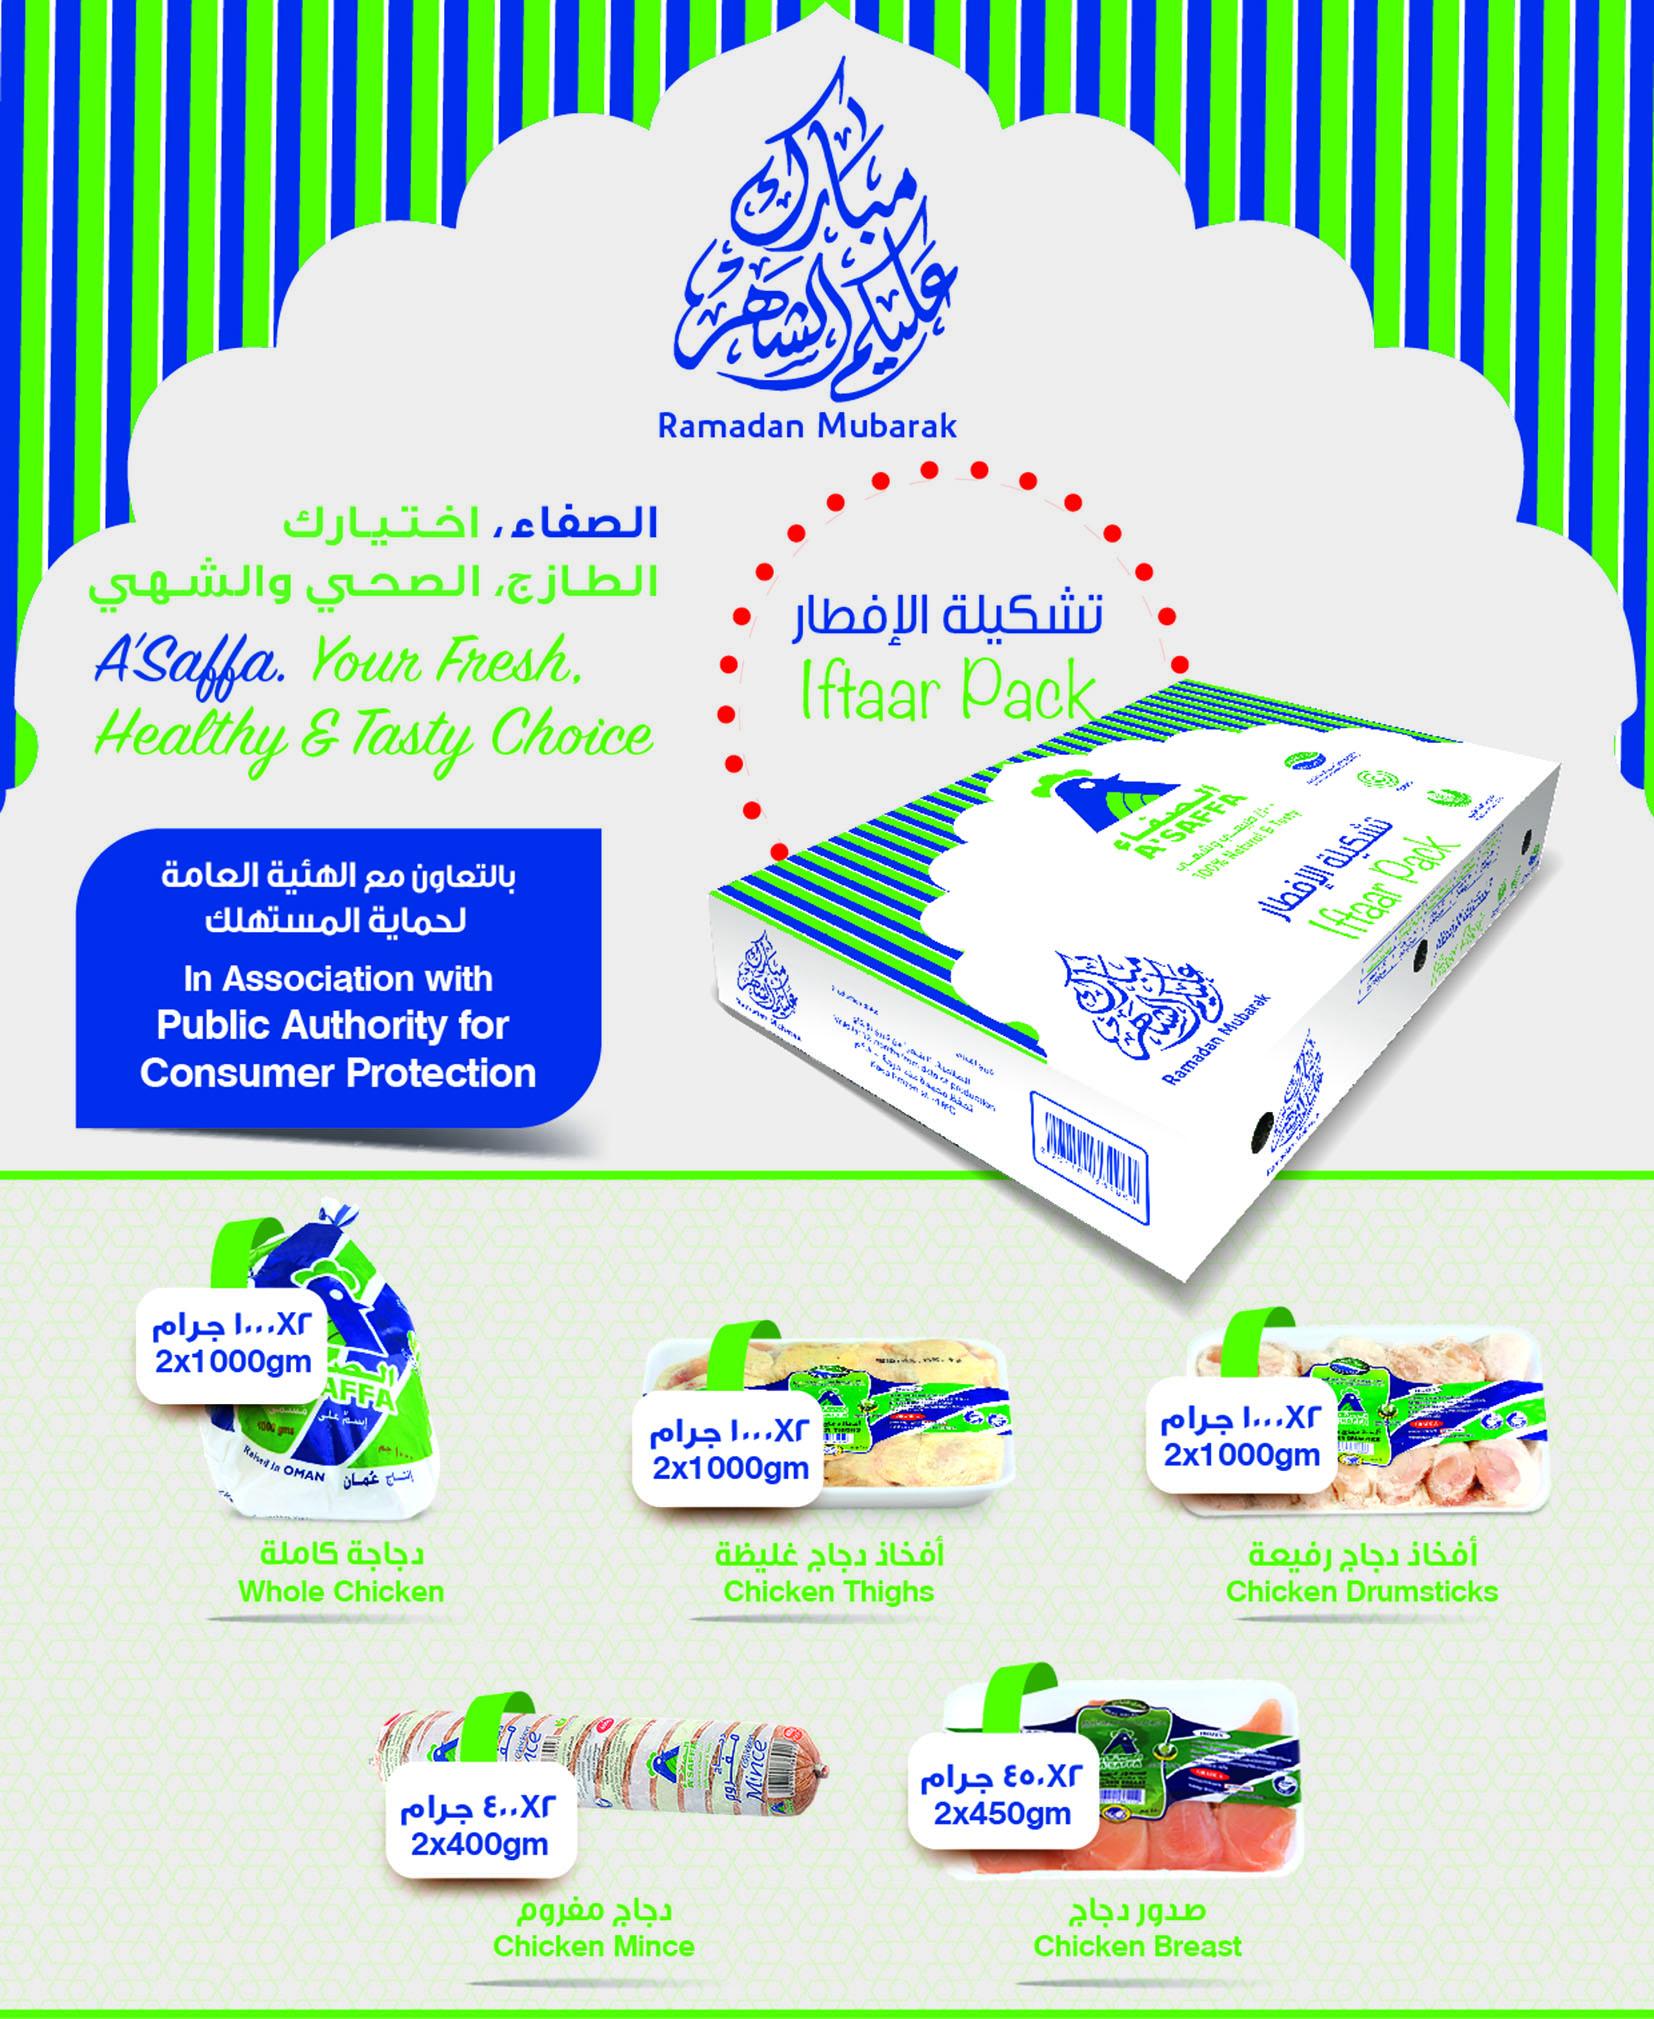 بالتعاون مع الهيئة العامة لحماية المستهلكتشكيلة إفطار مميزة من  «الصفاء» خلال رمضان